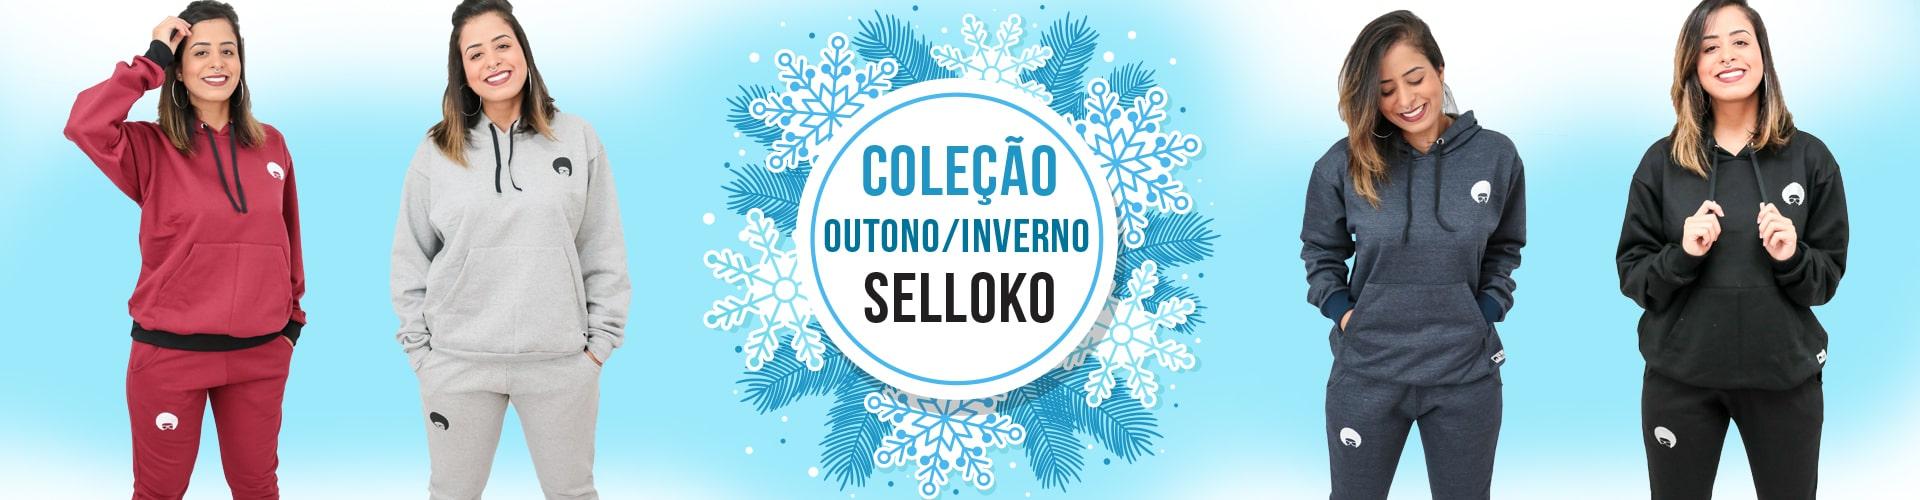 Inverno 2019